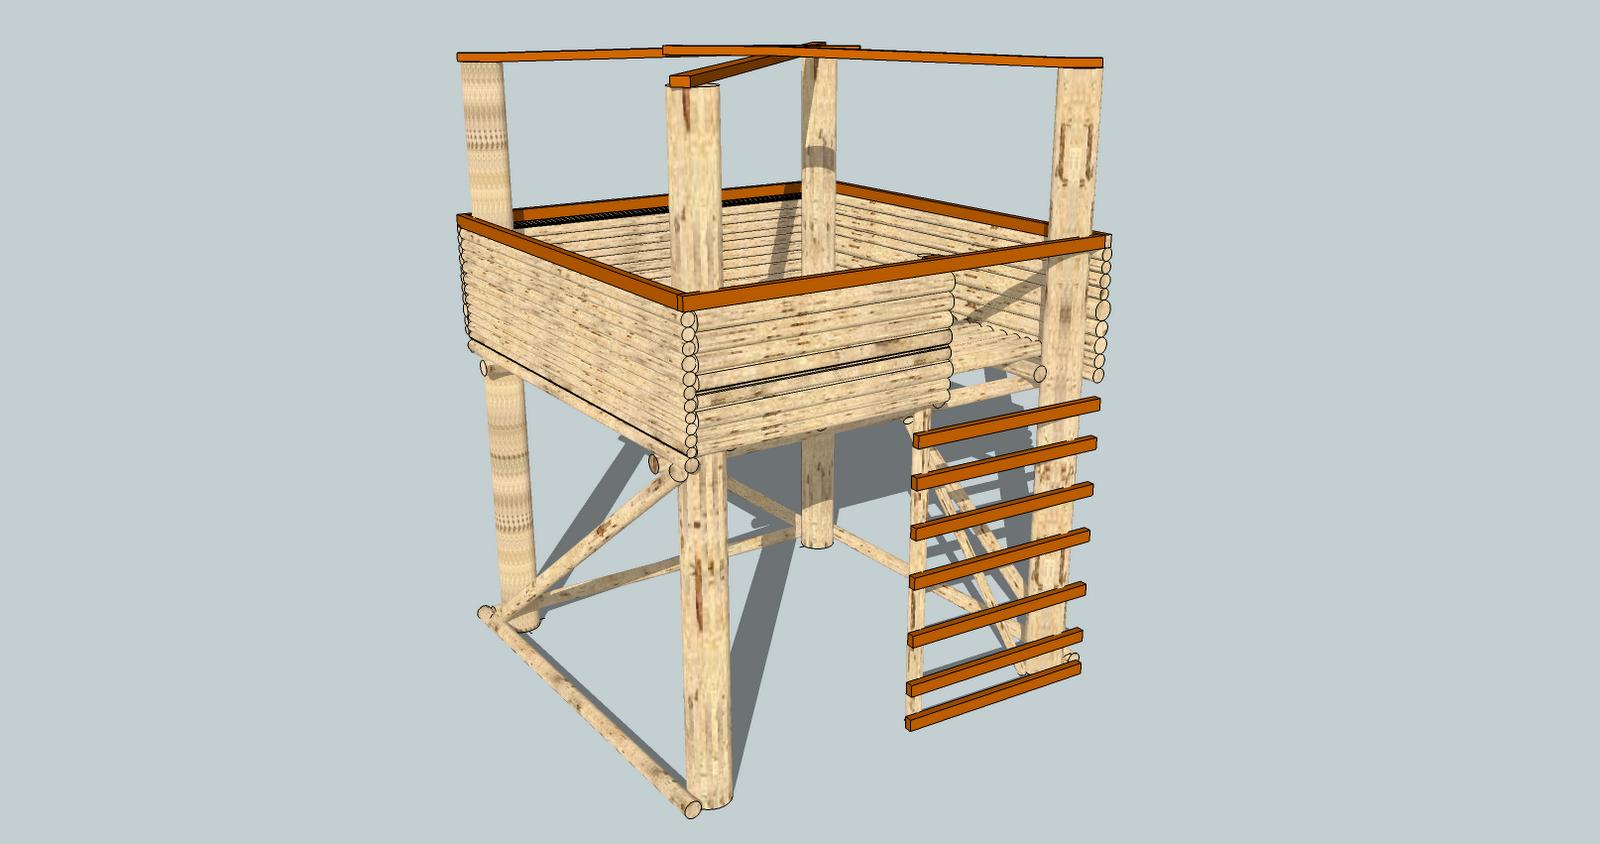 baumhaus selber bauen plattform ein baumhaus f r kinder im garten bauen n tzliche tipps und. Black Bedroom Furniture Sets. Home Design Ideas